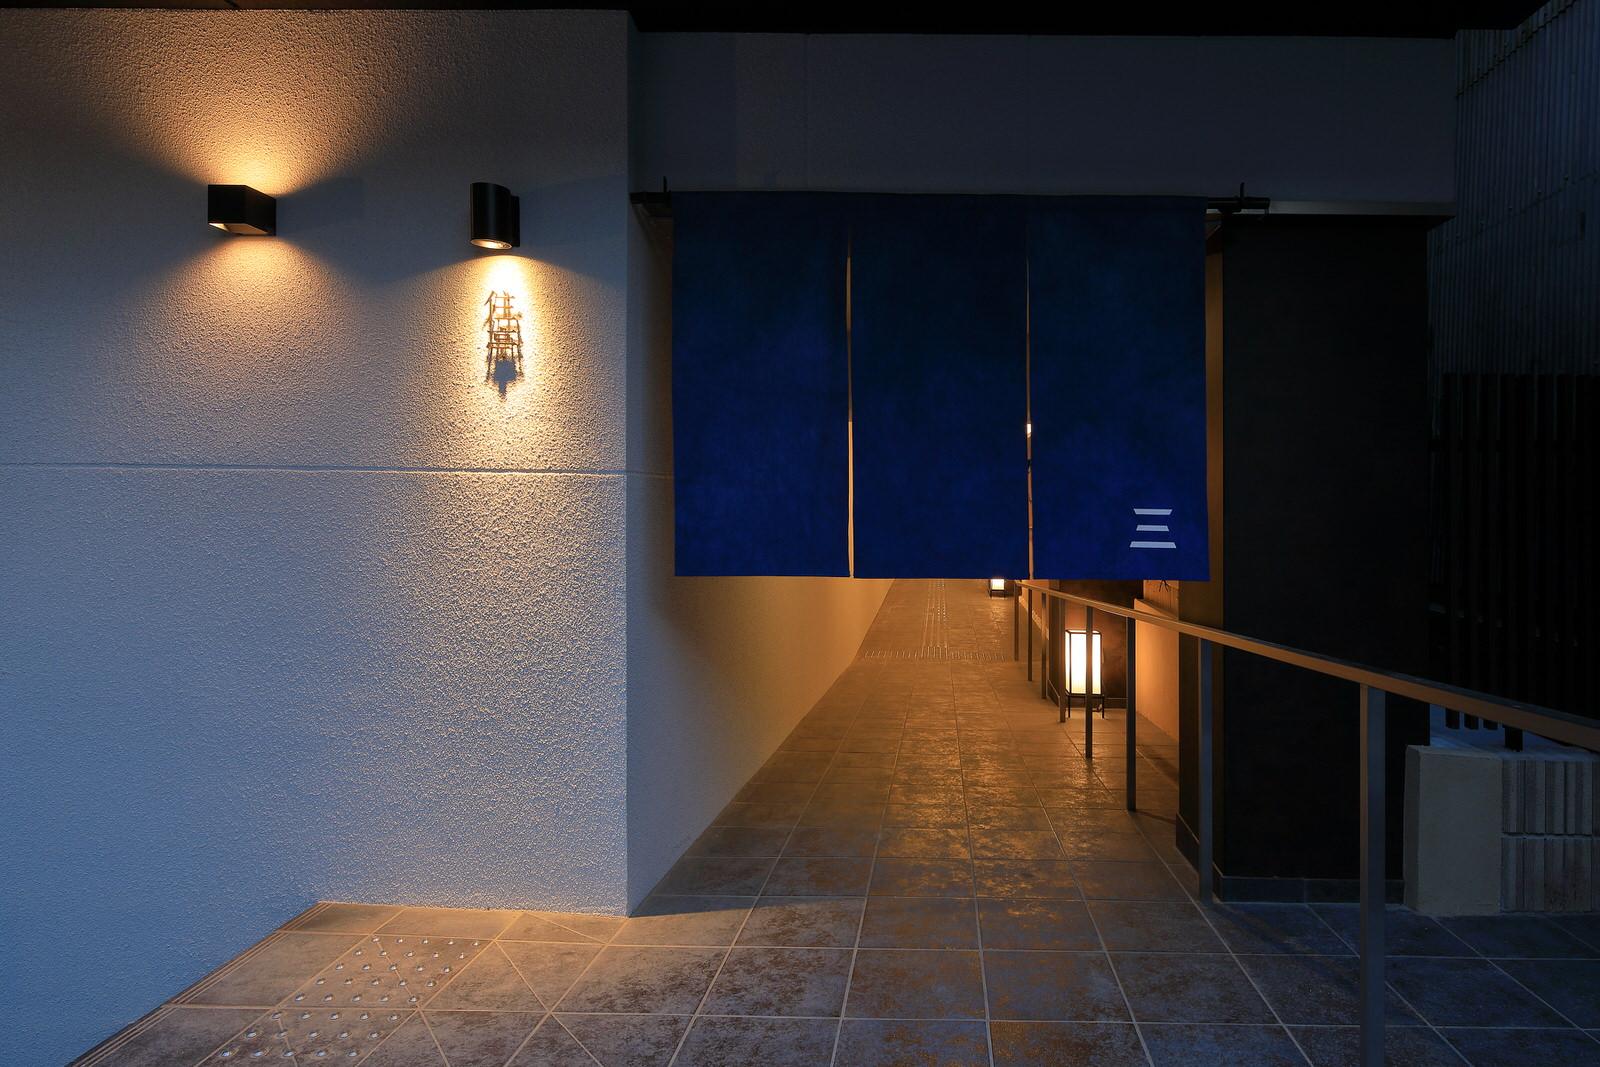 京都の靜かな街で暮らしているかのような滯在を體験できるホテル住亭 KIYOMIZU GOJO 5月20日にオープン ...